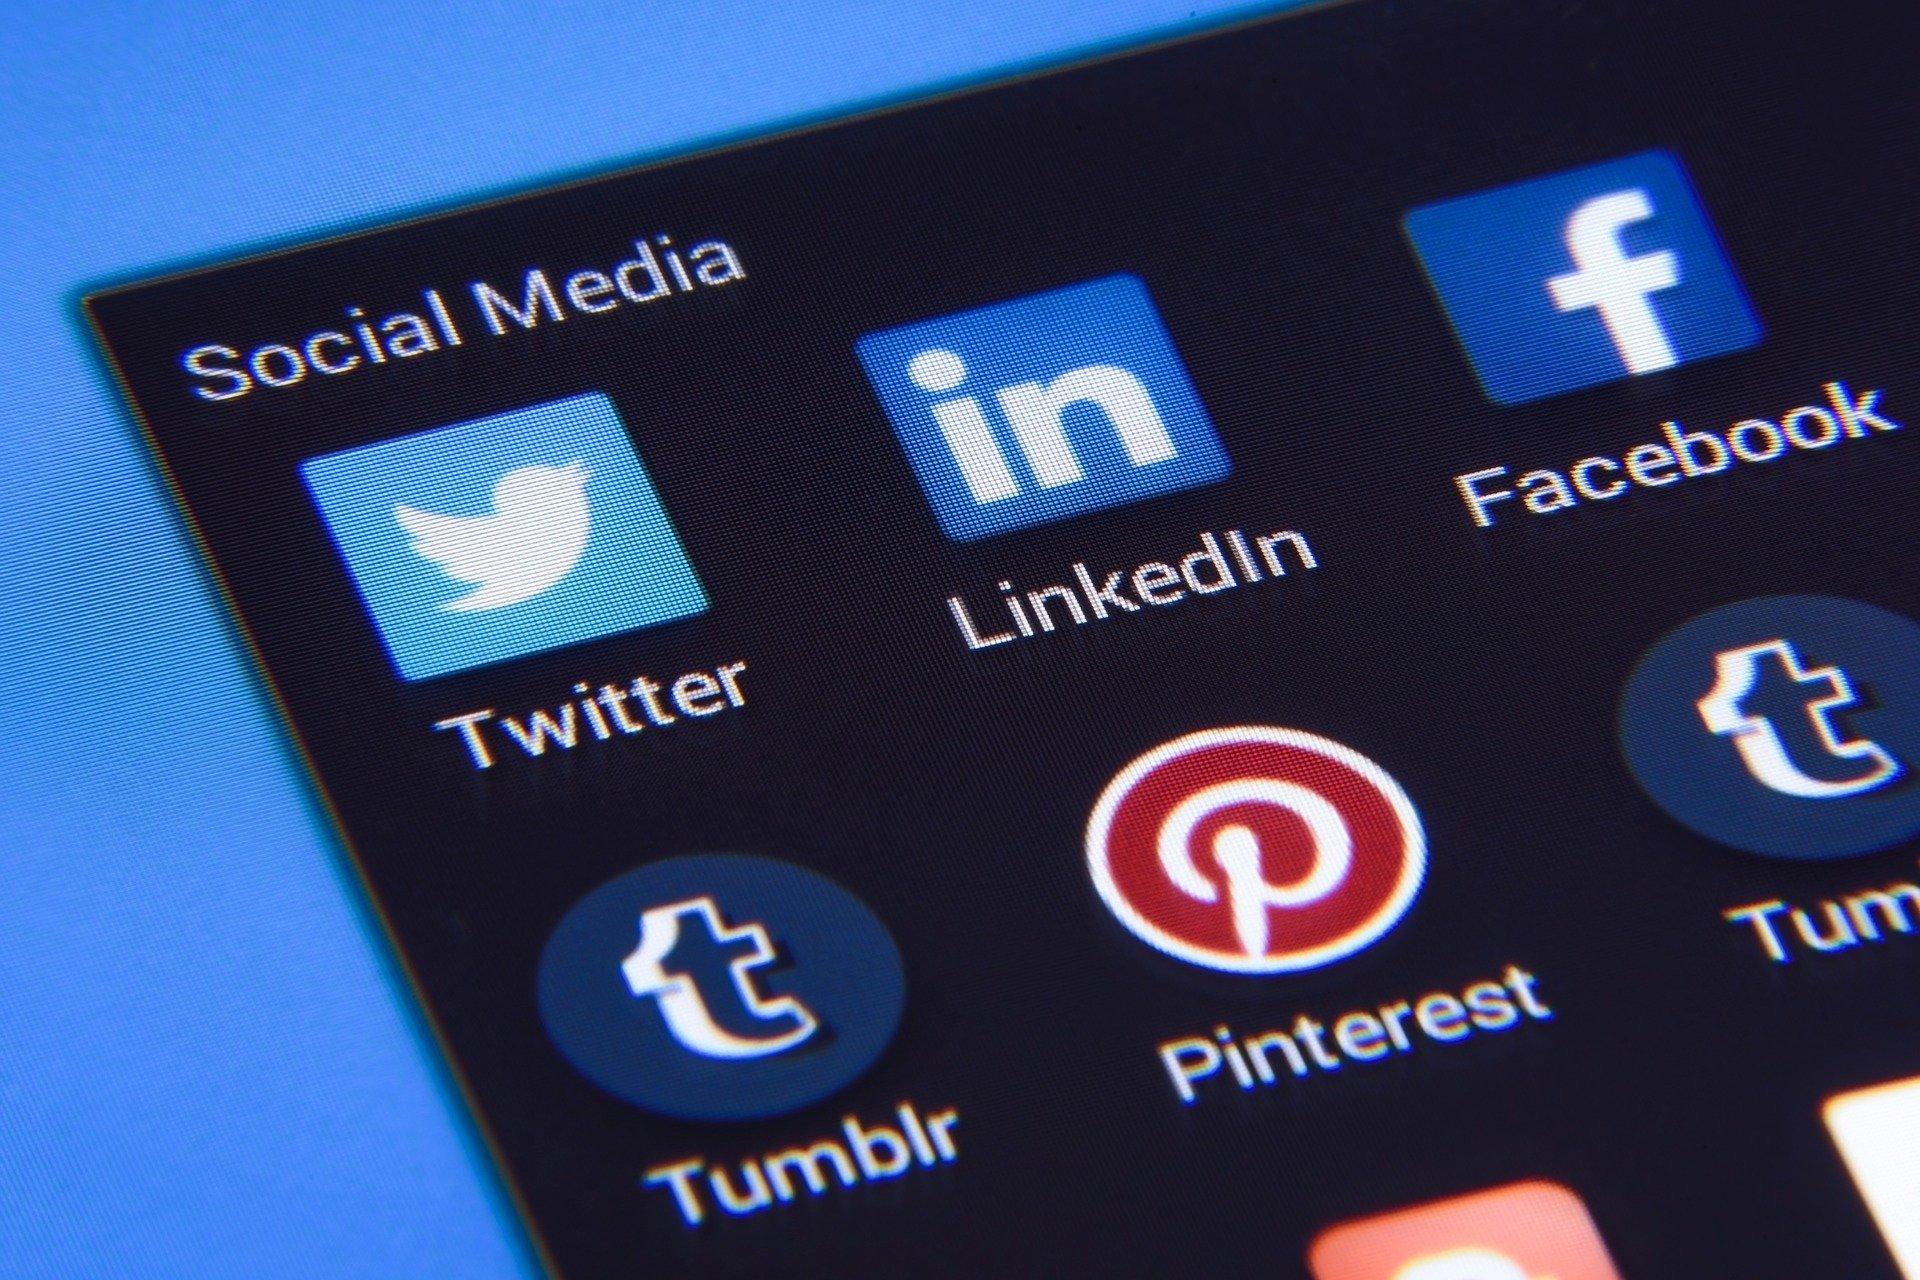 social media 1795578 1920.jpg?resize=412,275 - L'administration fiscale a désormais le droit de surveiller vos réseaux sociaux